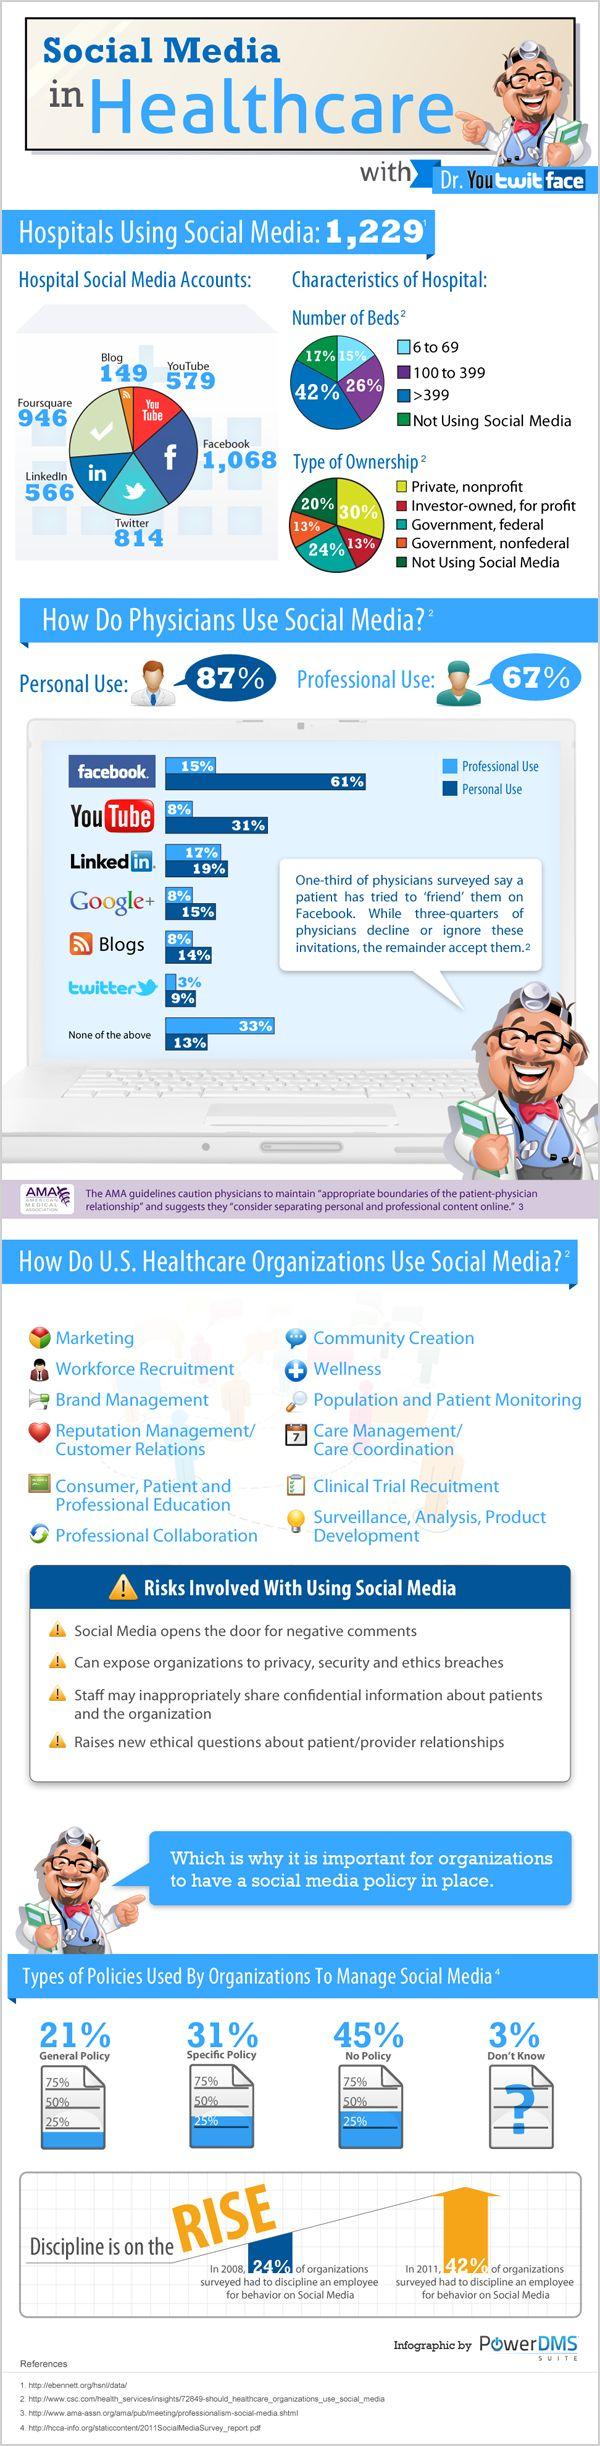 Social Media in Healthcare